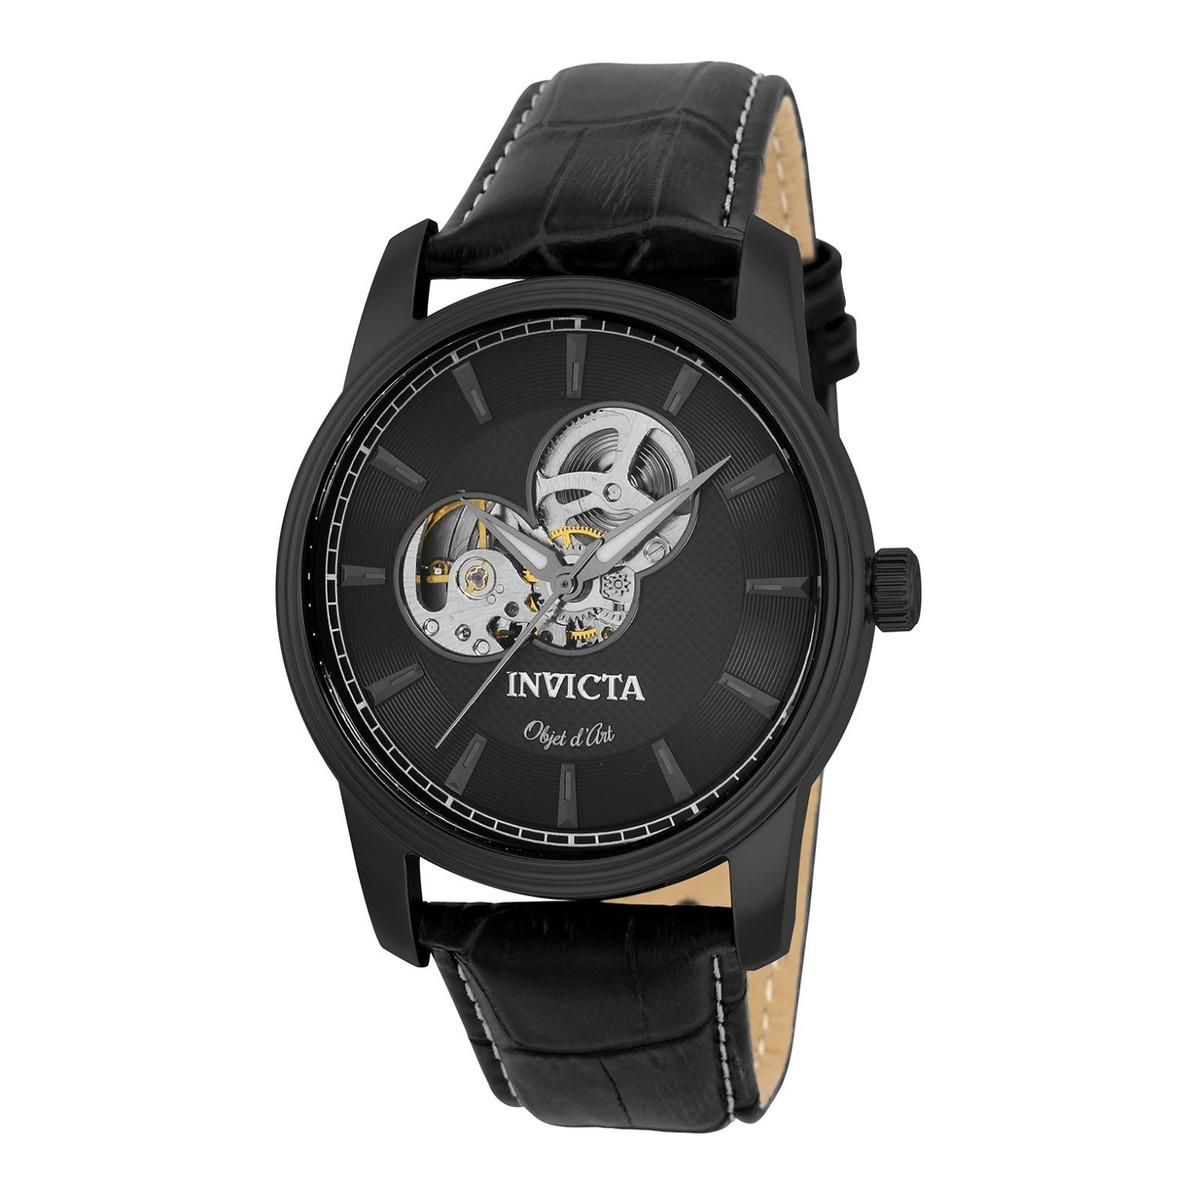 792893c80a18 Reloj Invicta 22619 Cuero Negro Hombre -   819.900 en Mercado Libre